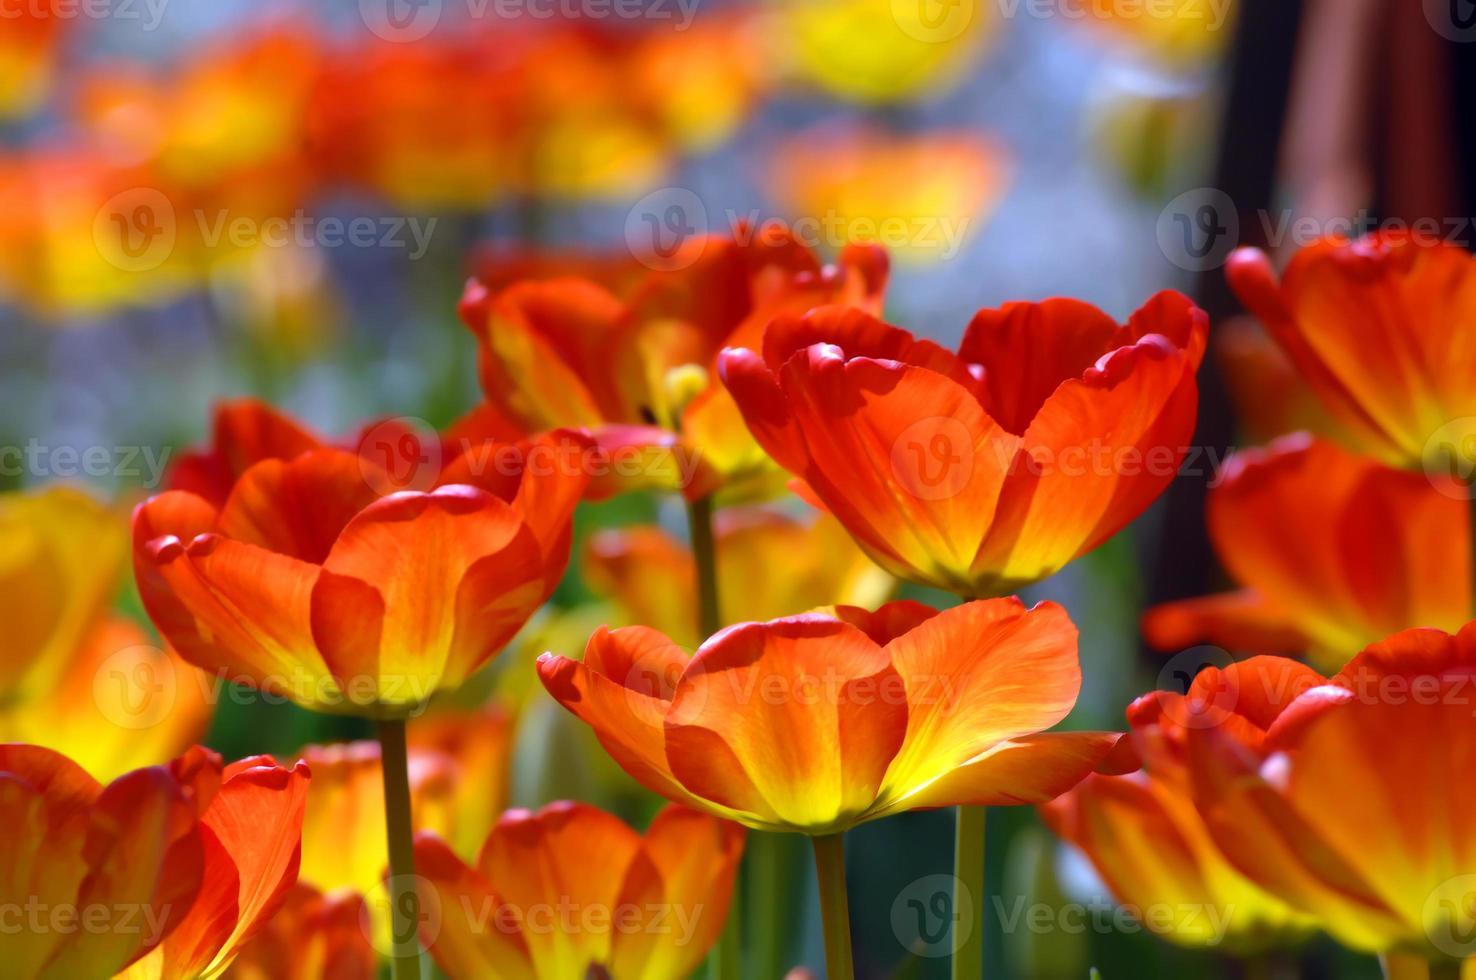 ardiendo con color naranja foto